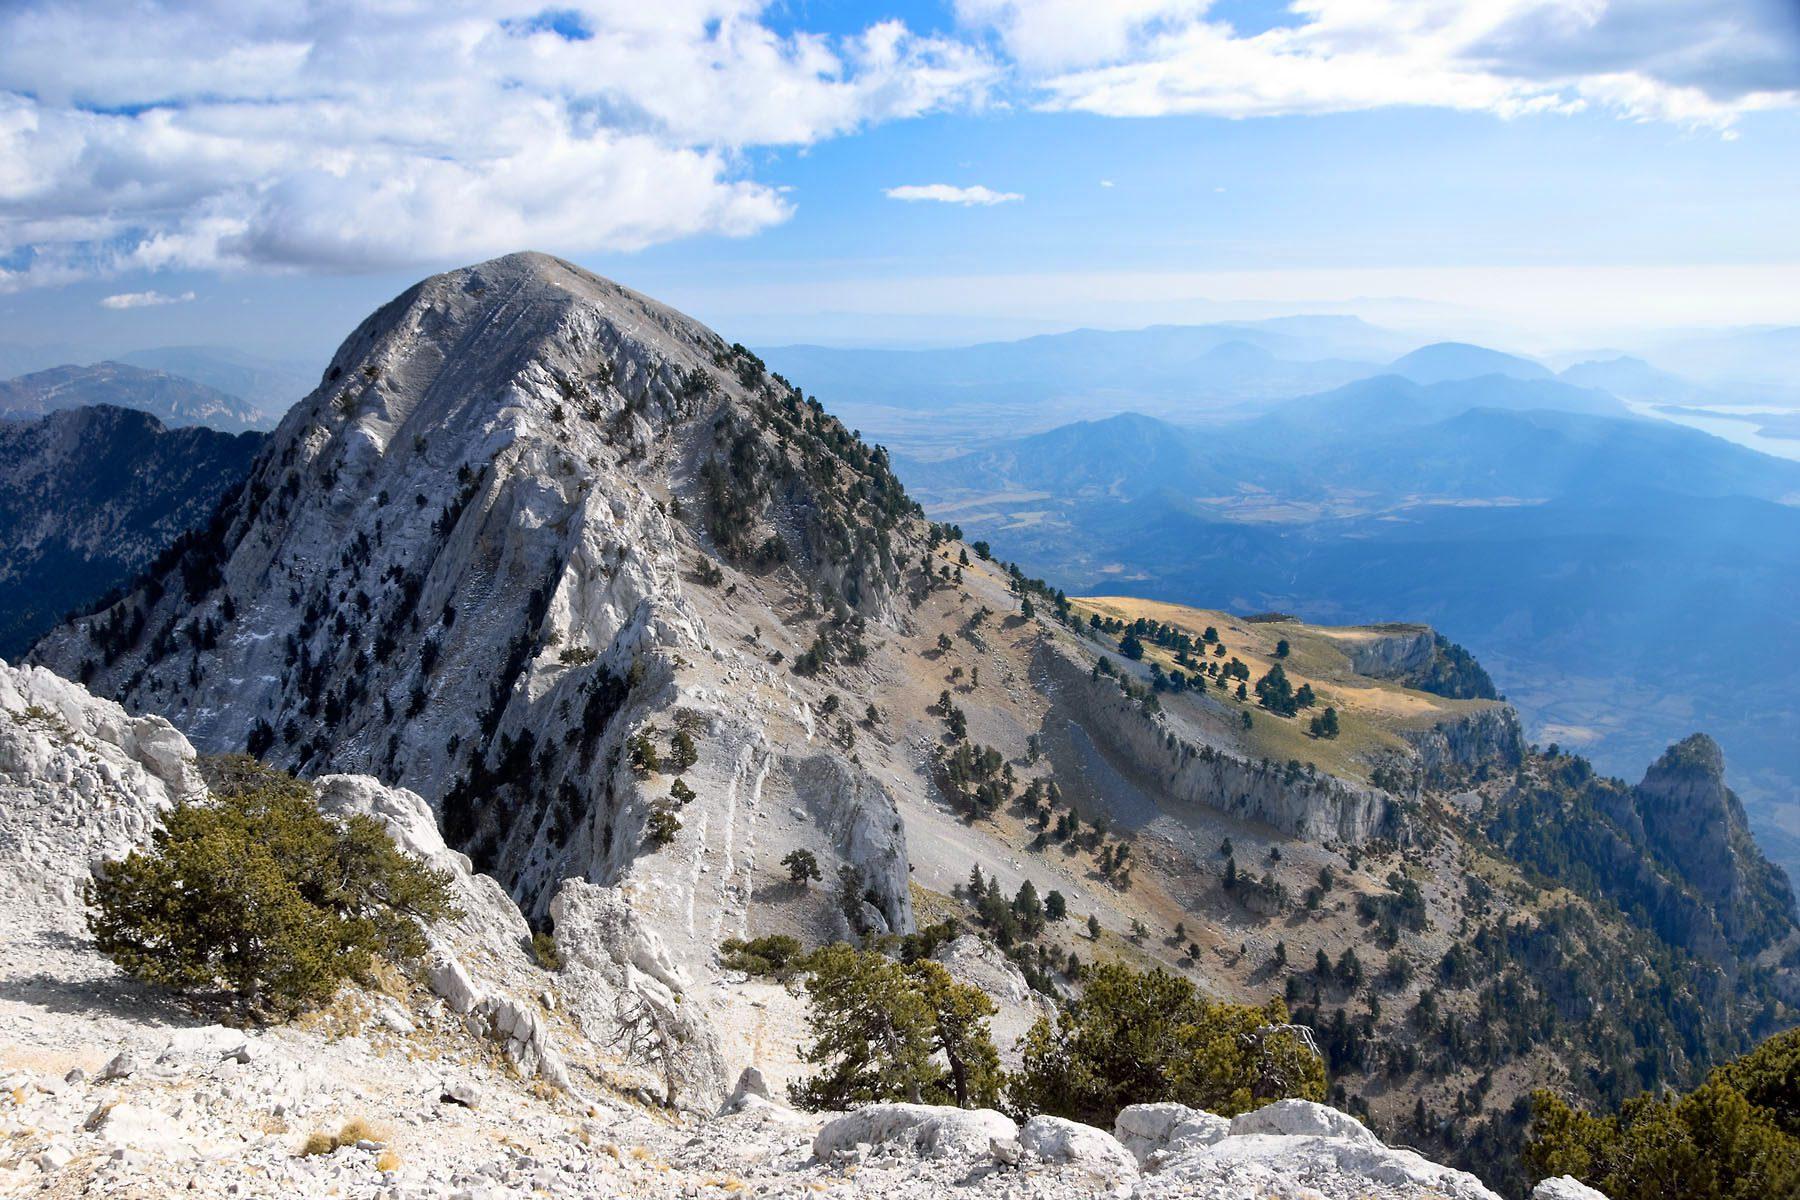 Ascenso al Pic de la Munia, Astazus y Peña Montañesa. Valle de Pineta